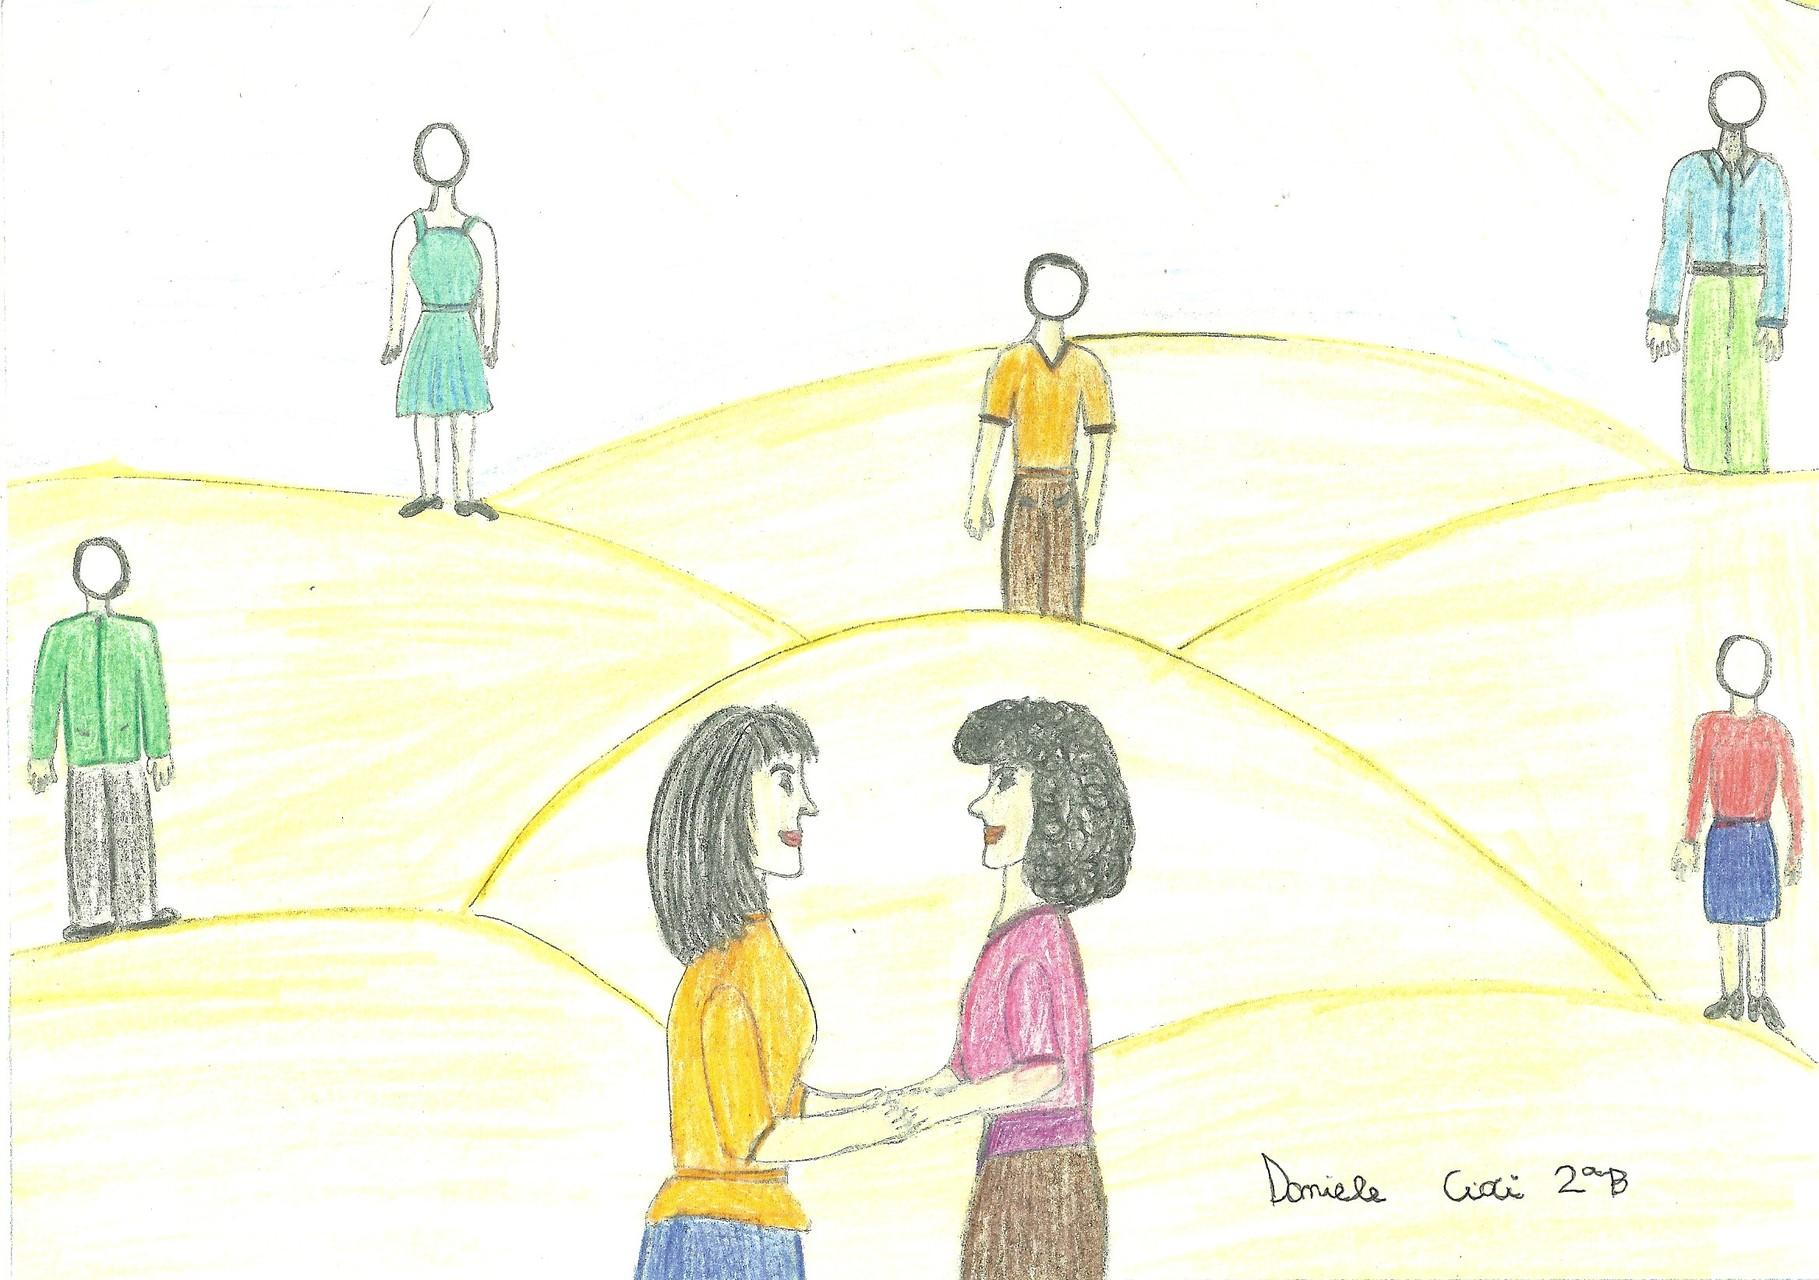 Disegno realizzato da Daniele Cioci